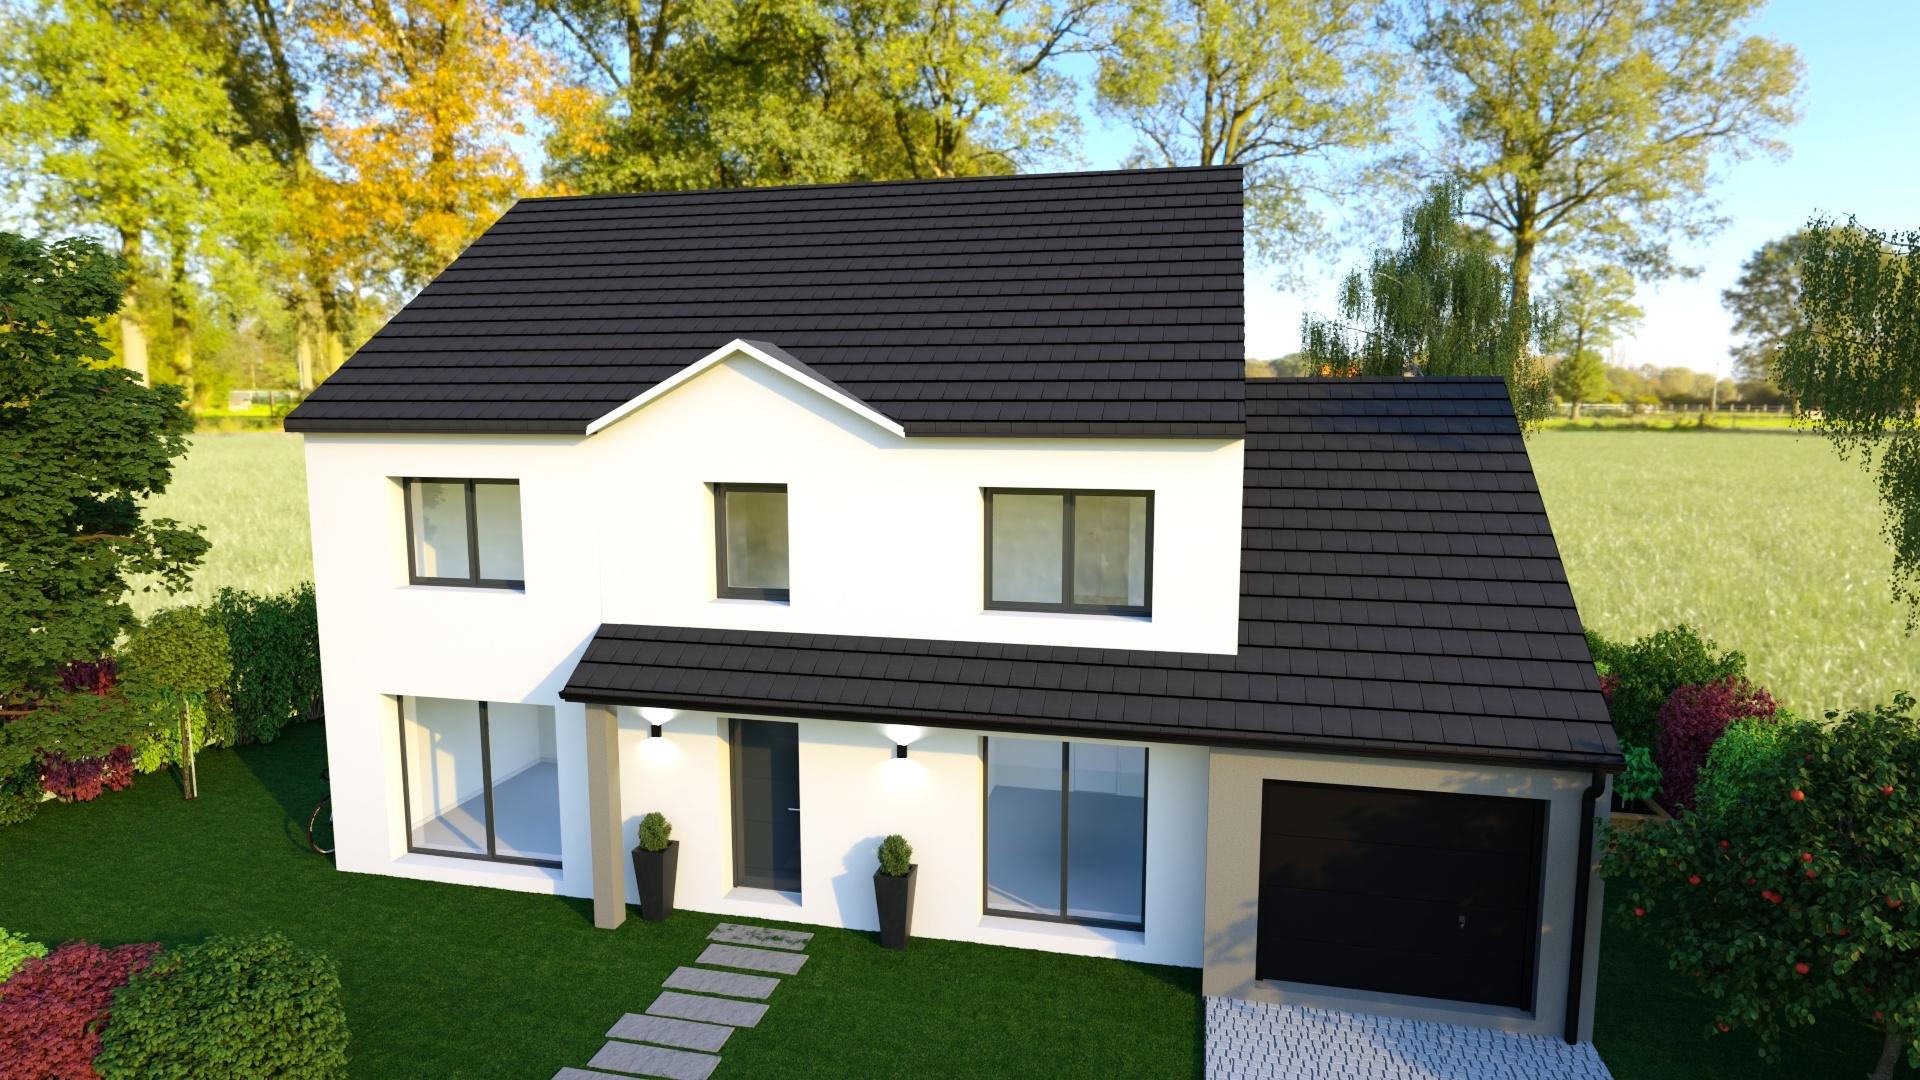 Maisons + Terrains du constructeur MAISON FAMILIALE • 130 m² • CHELLES